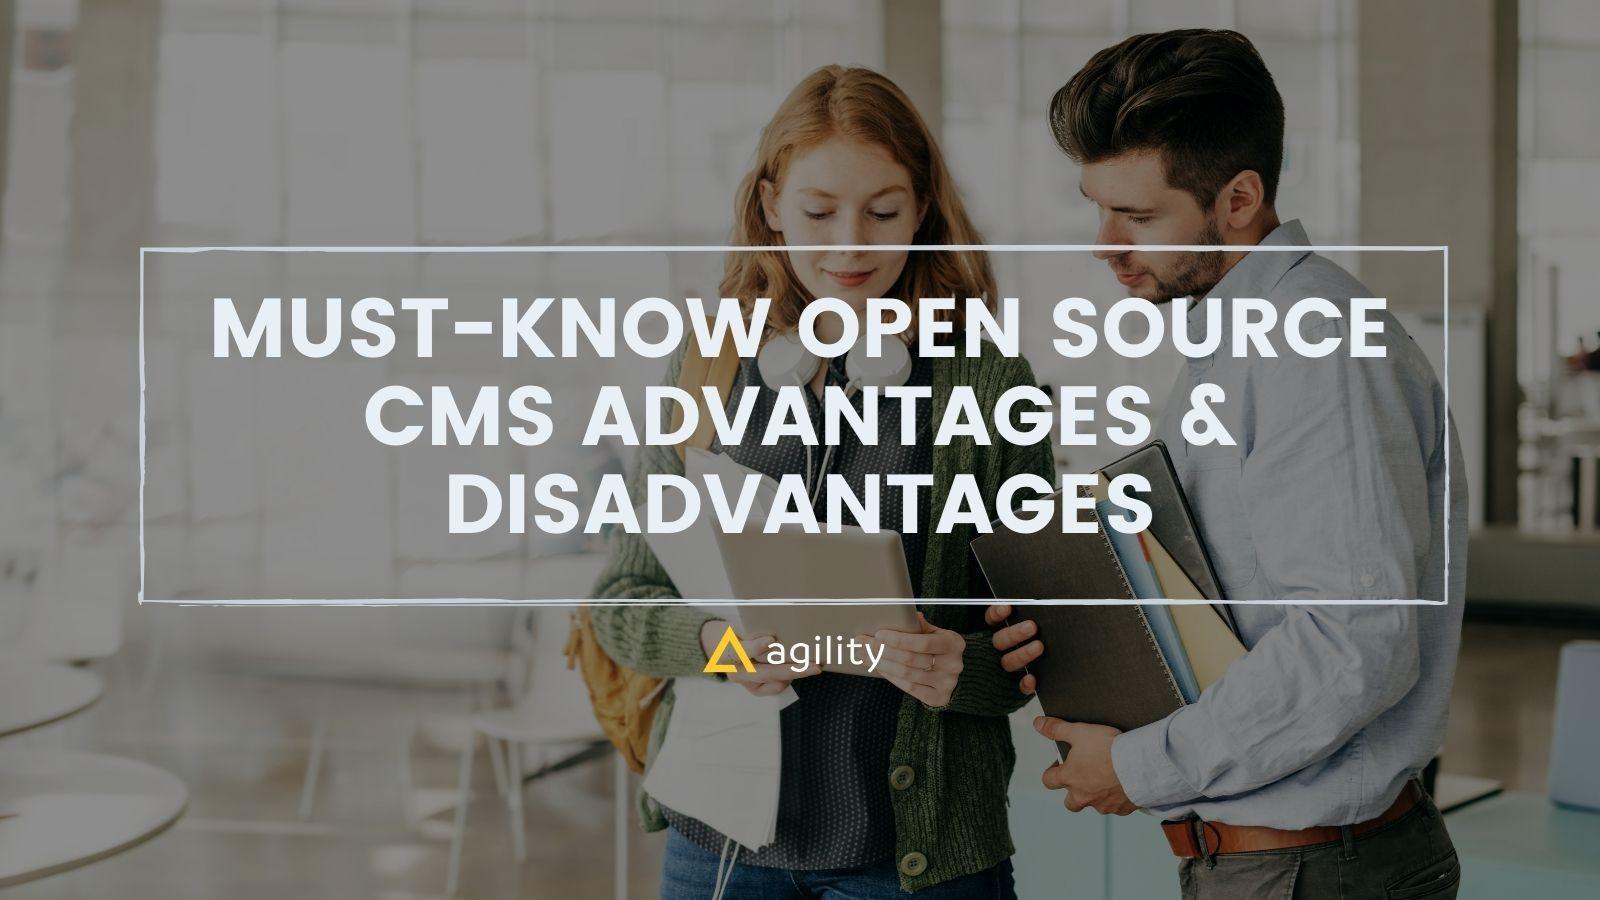 Must Know Open Source CMS Advantages & Disadvantages